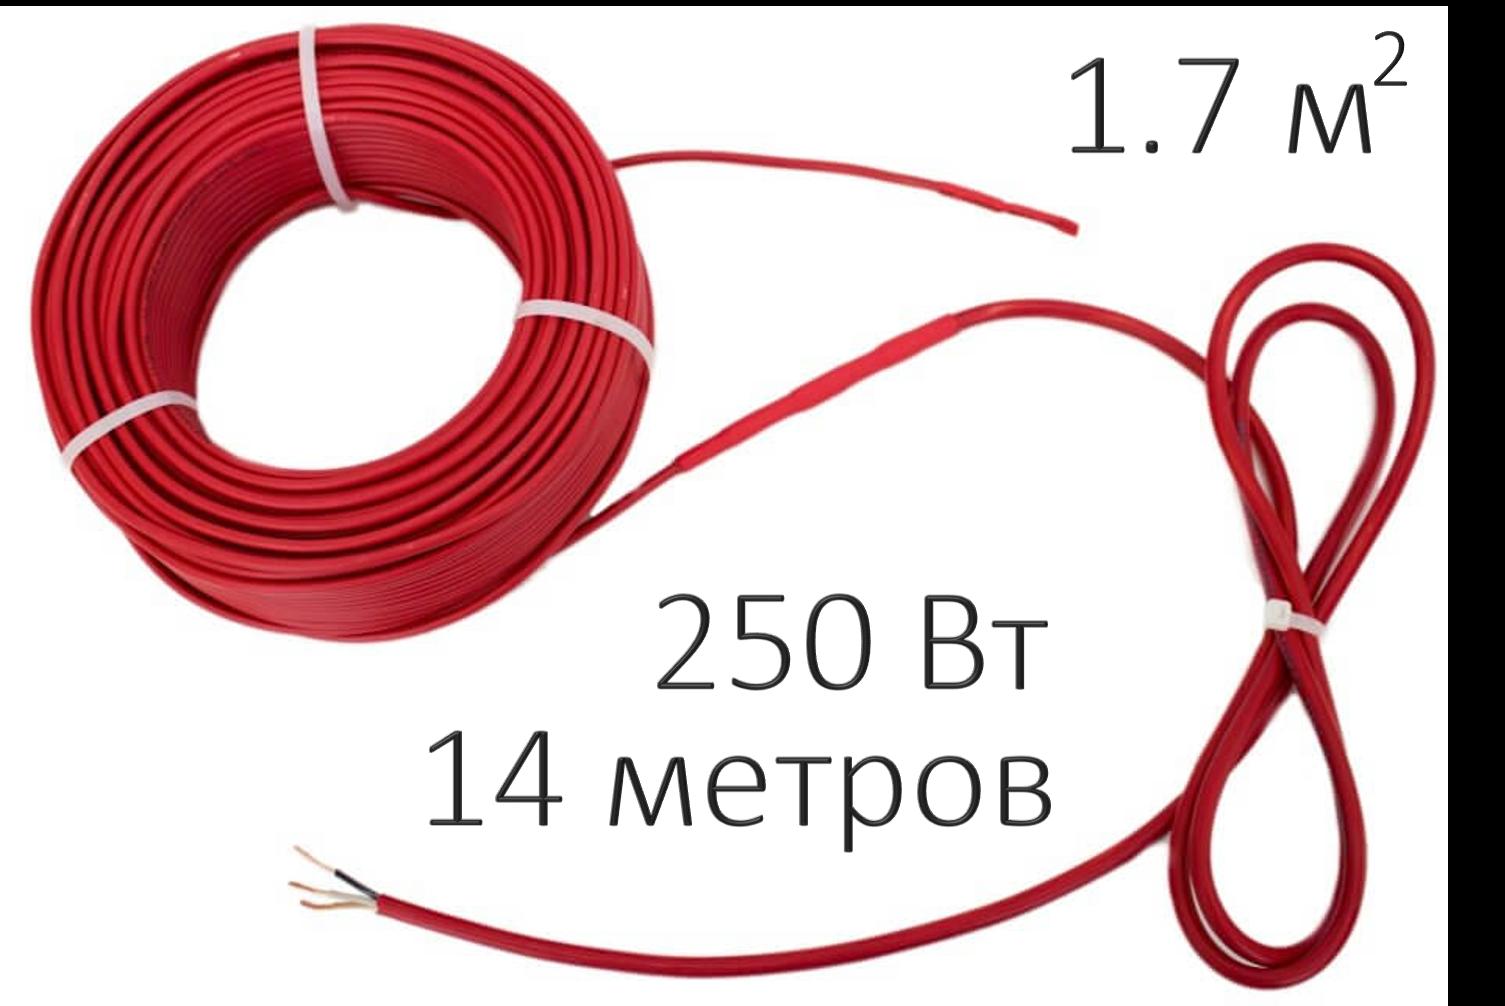 Кабельная нагревательная секция СТН КС-250 (250 Вт, 14 пм)